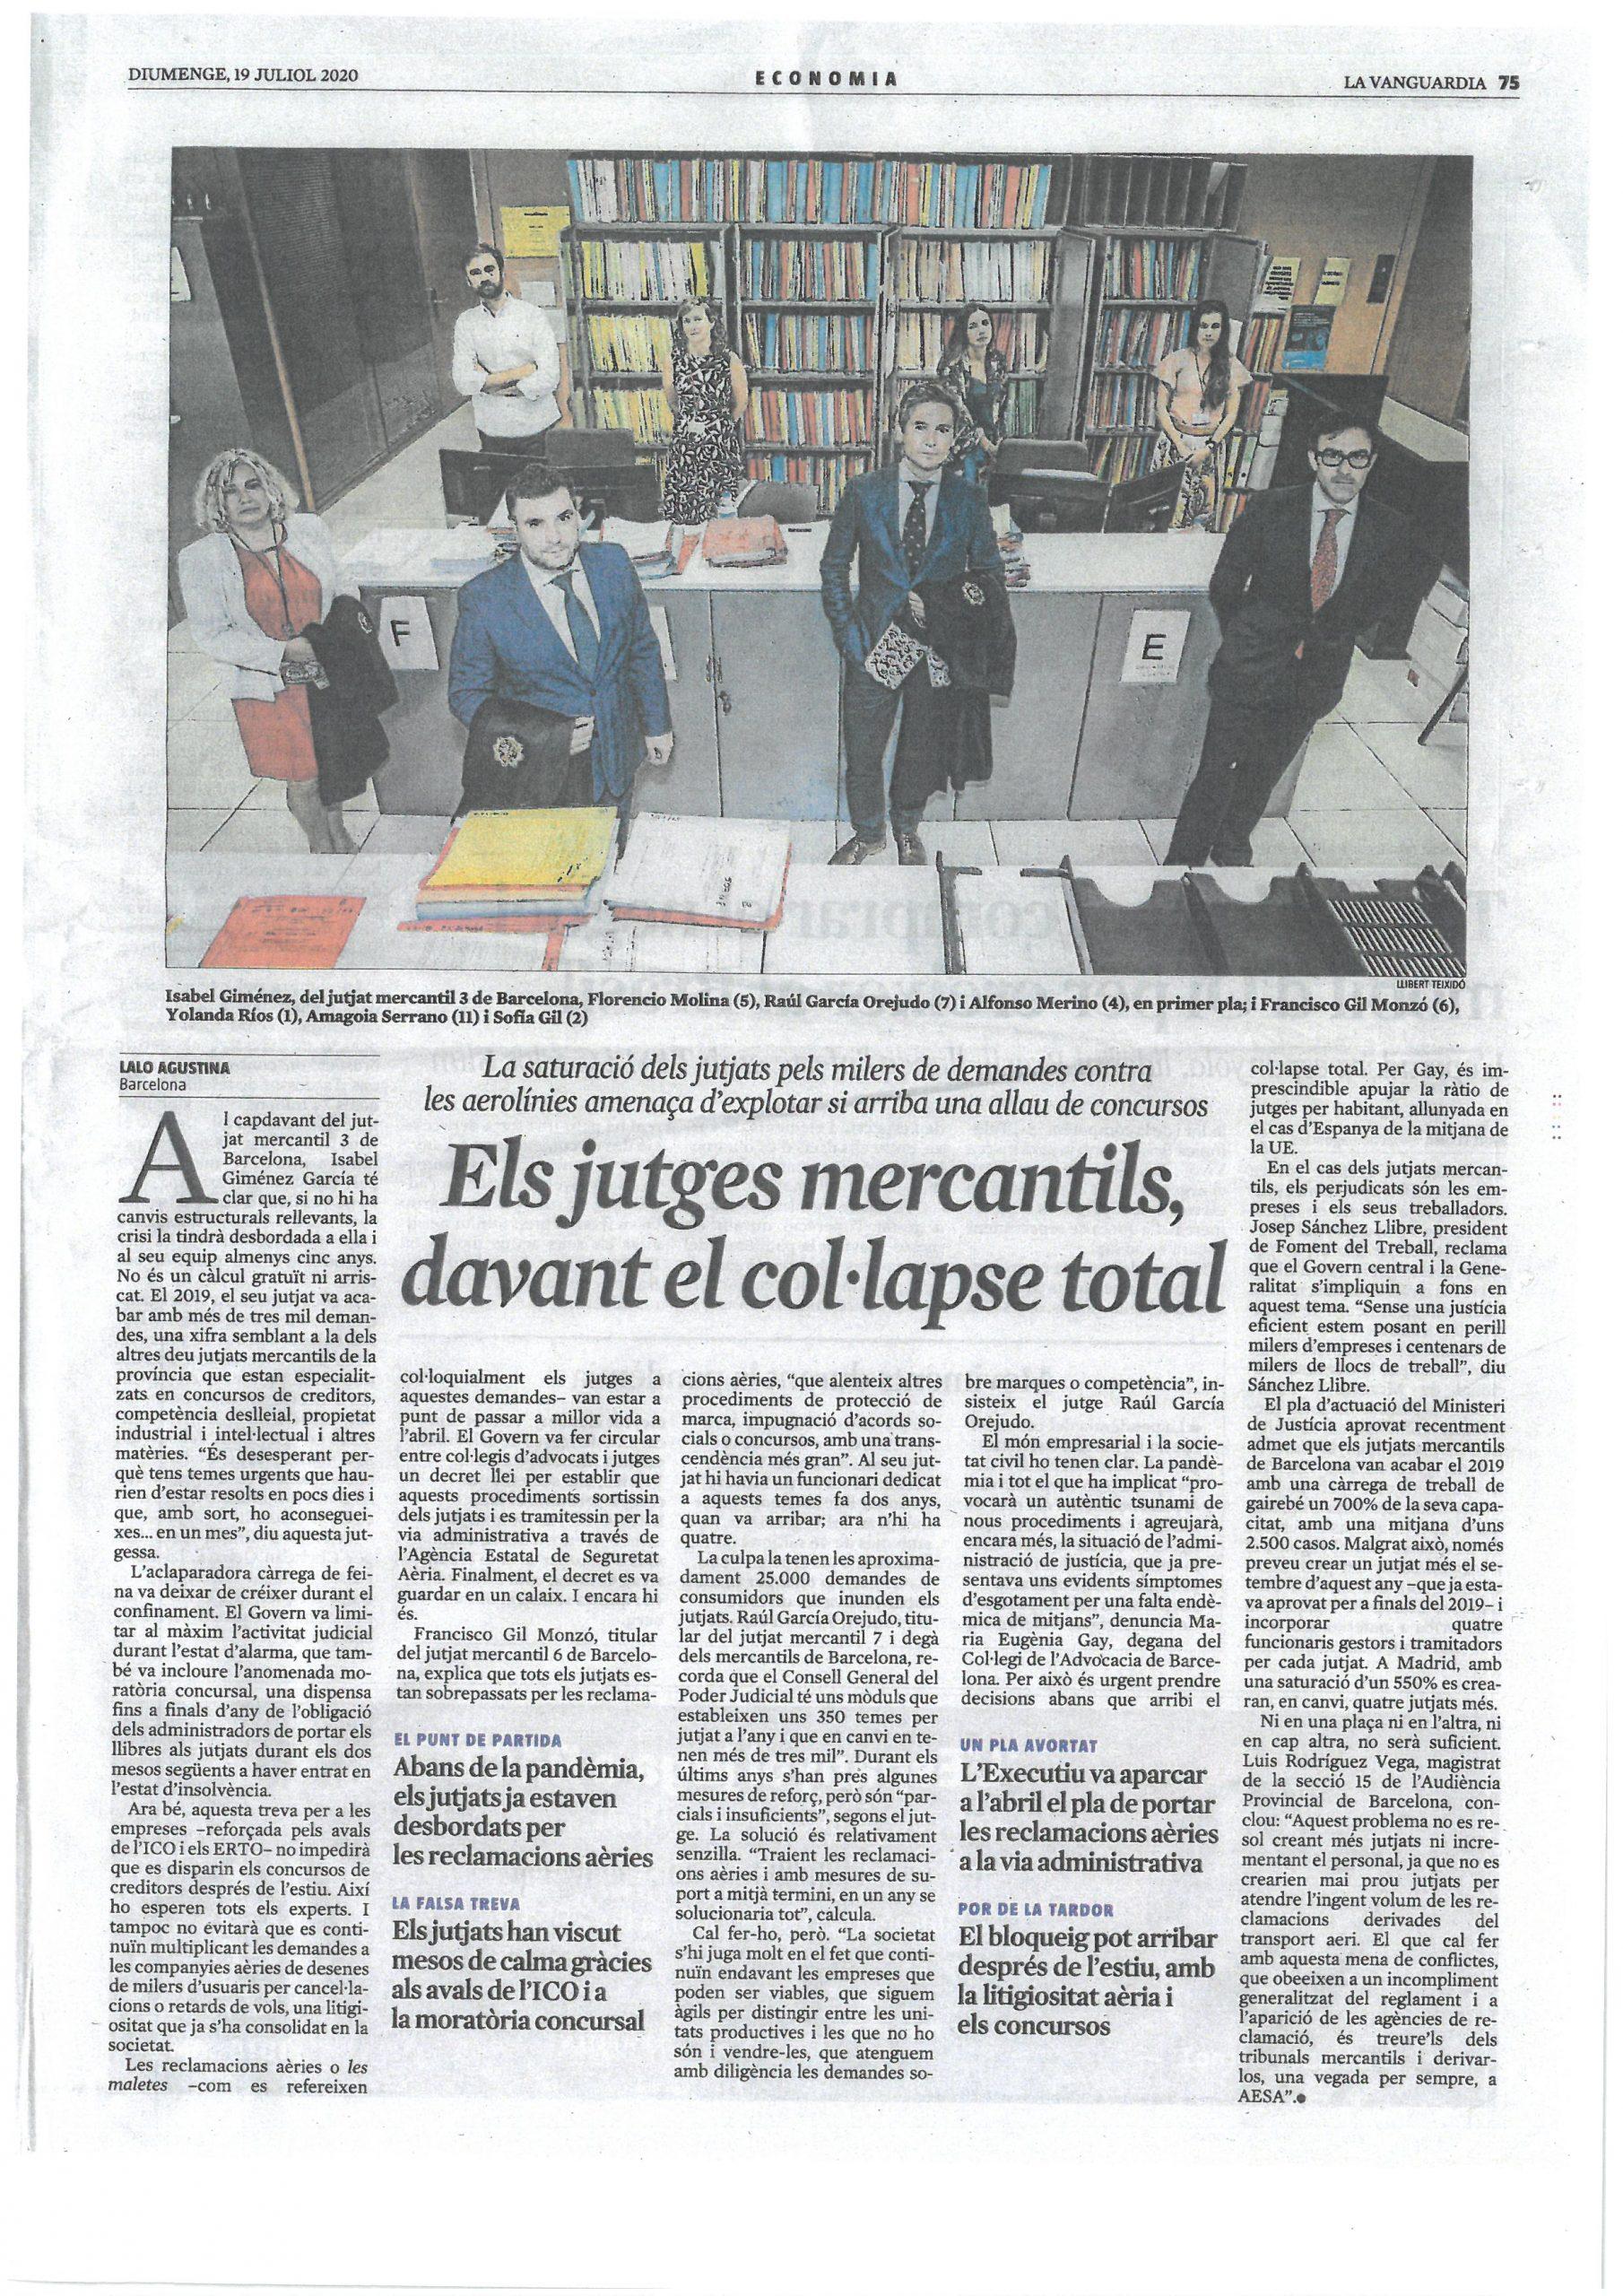 Els Jutges Mercantils, davant el col.lapse total